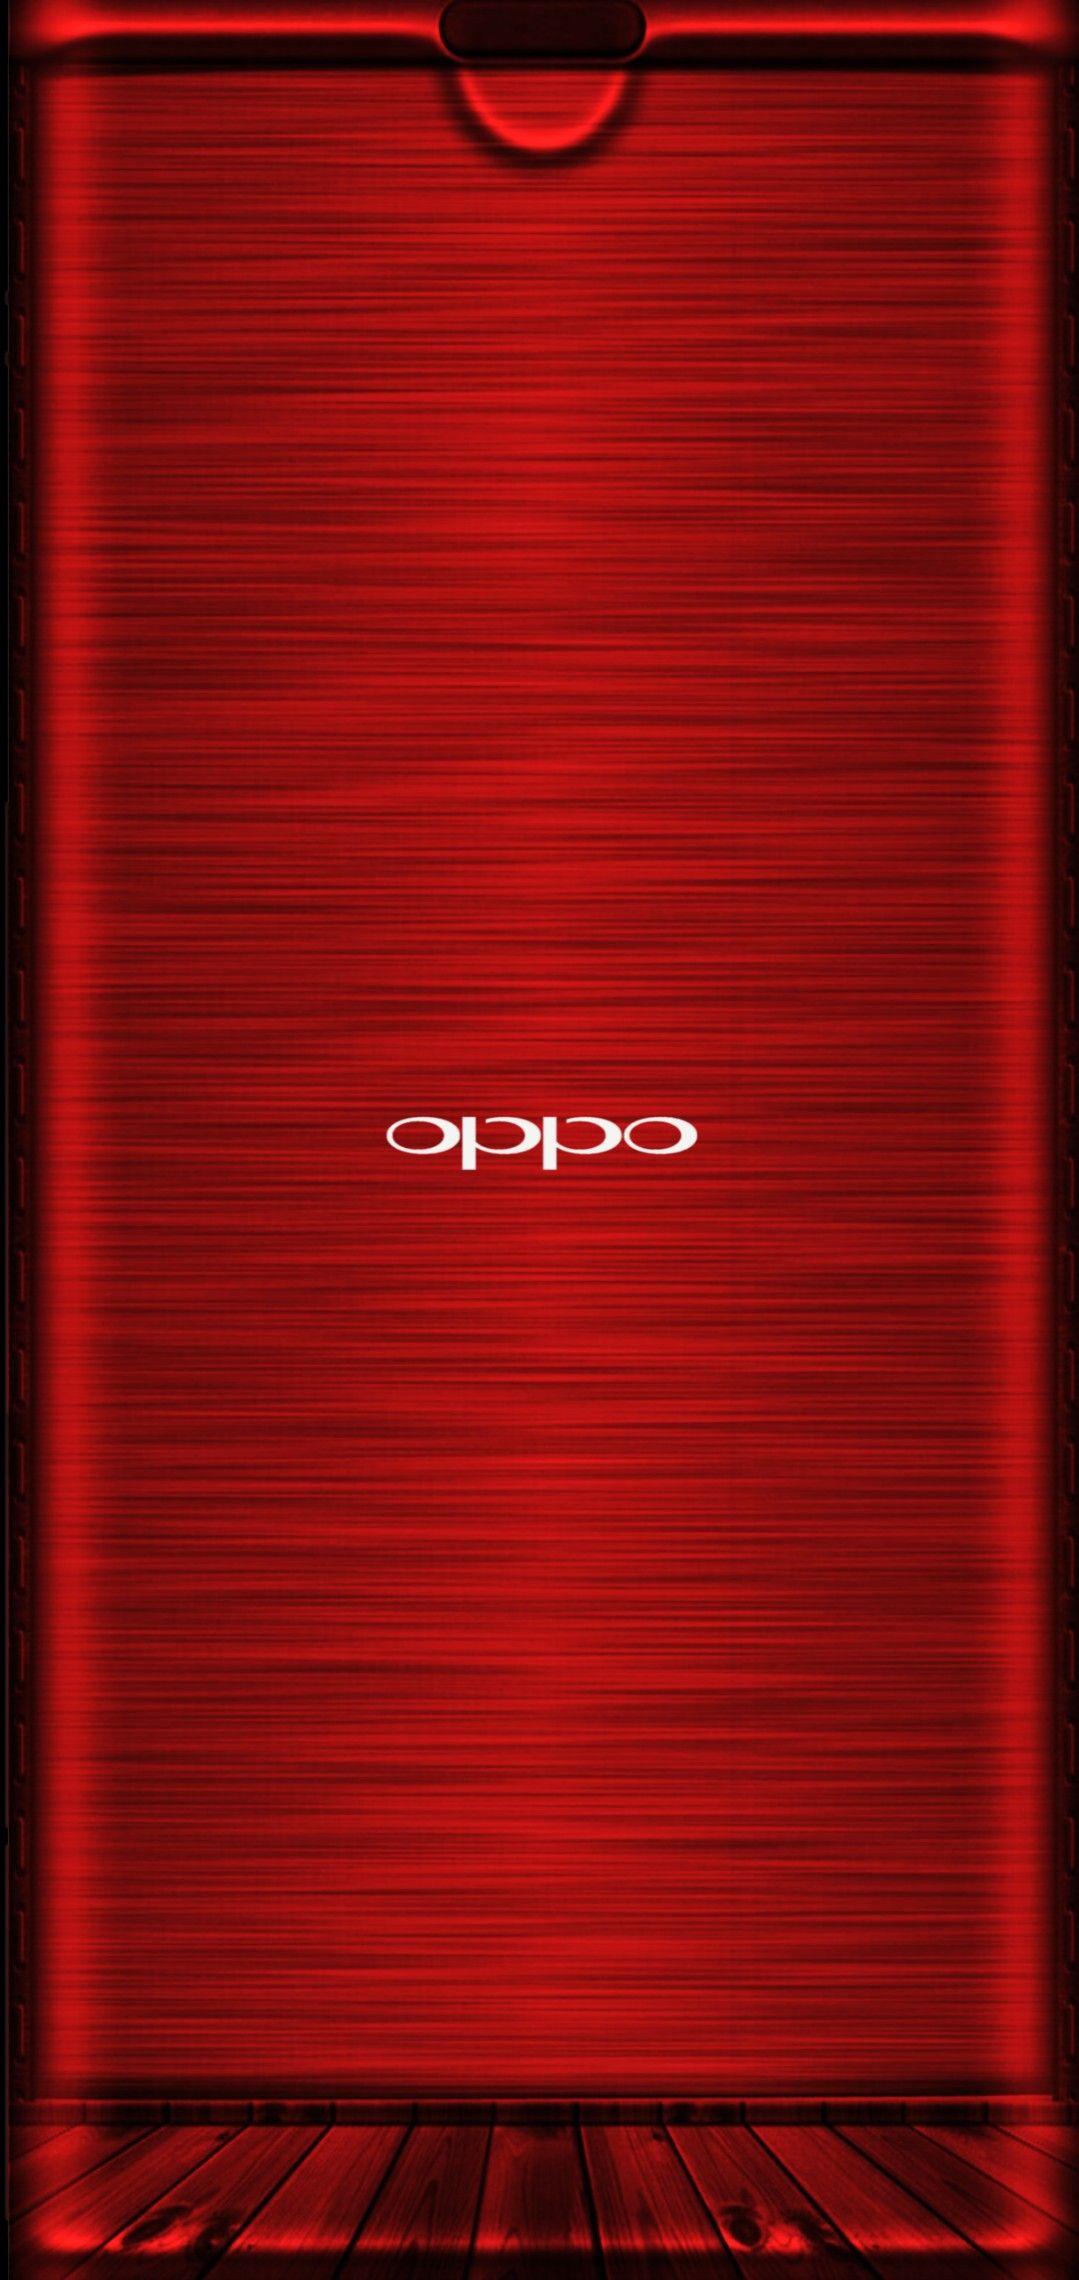 Pin Oleh Kuys Fa Di Oppo F7 1080x2280 Wallpaper Ponsel Ponsel